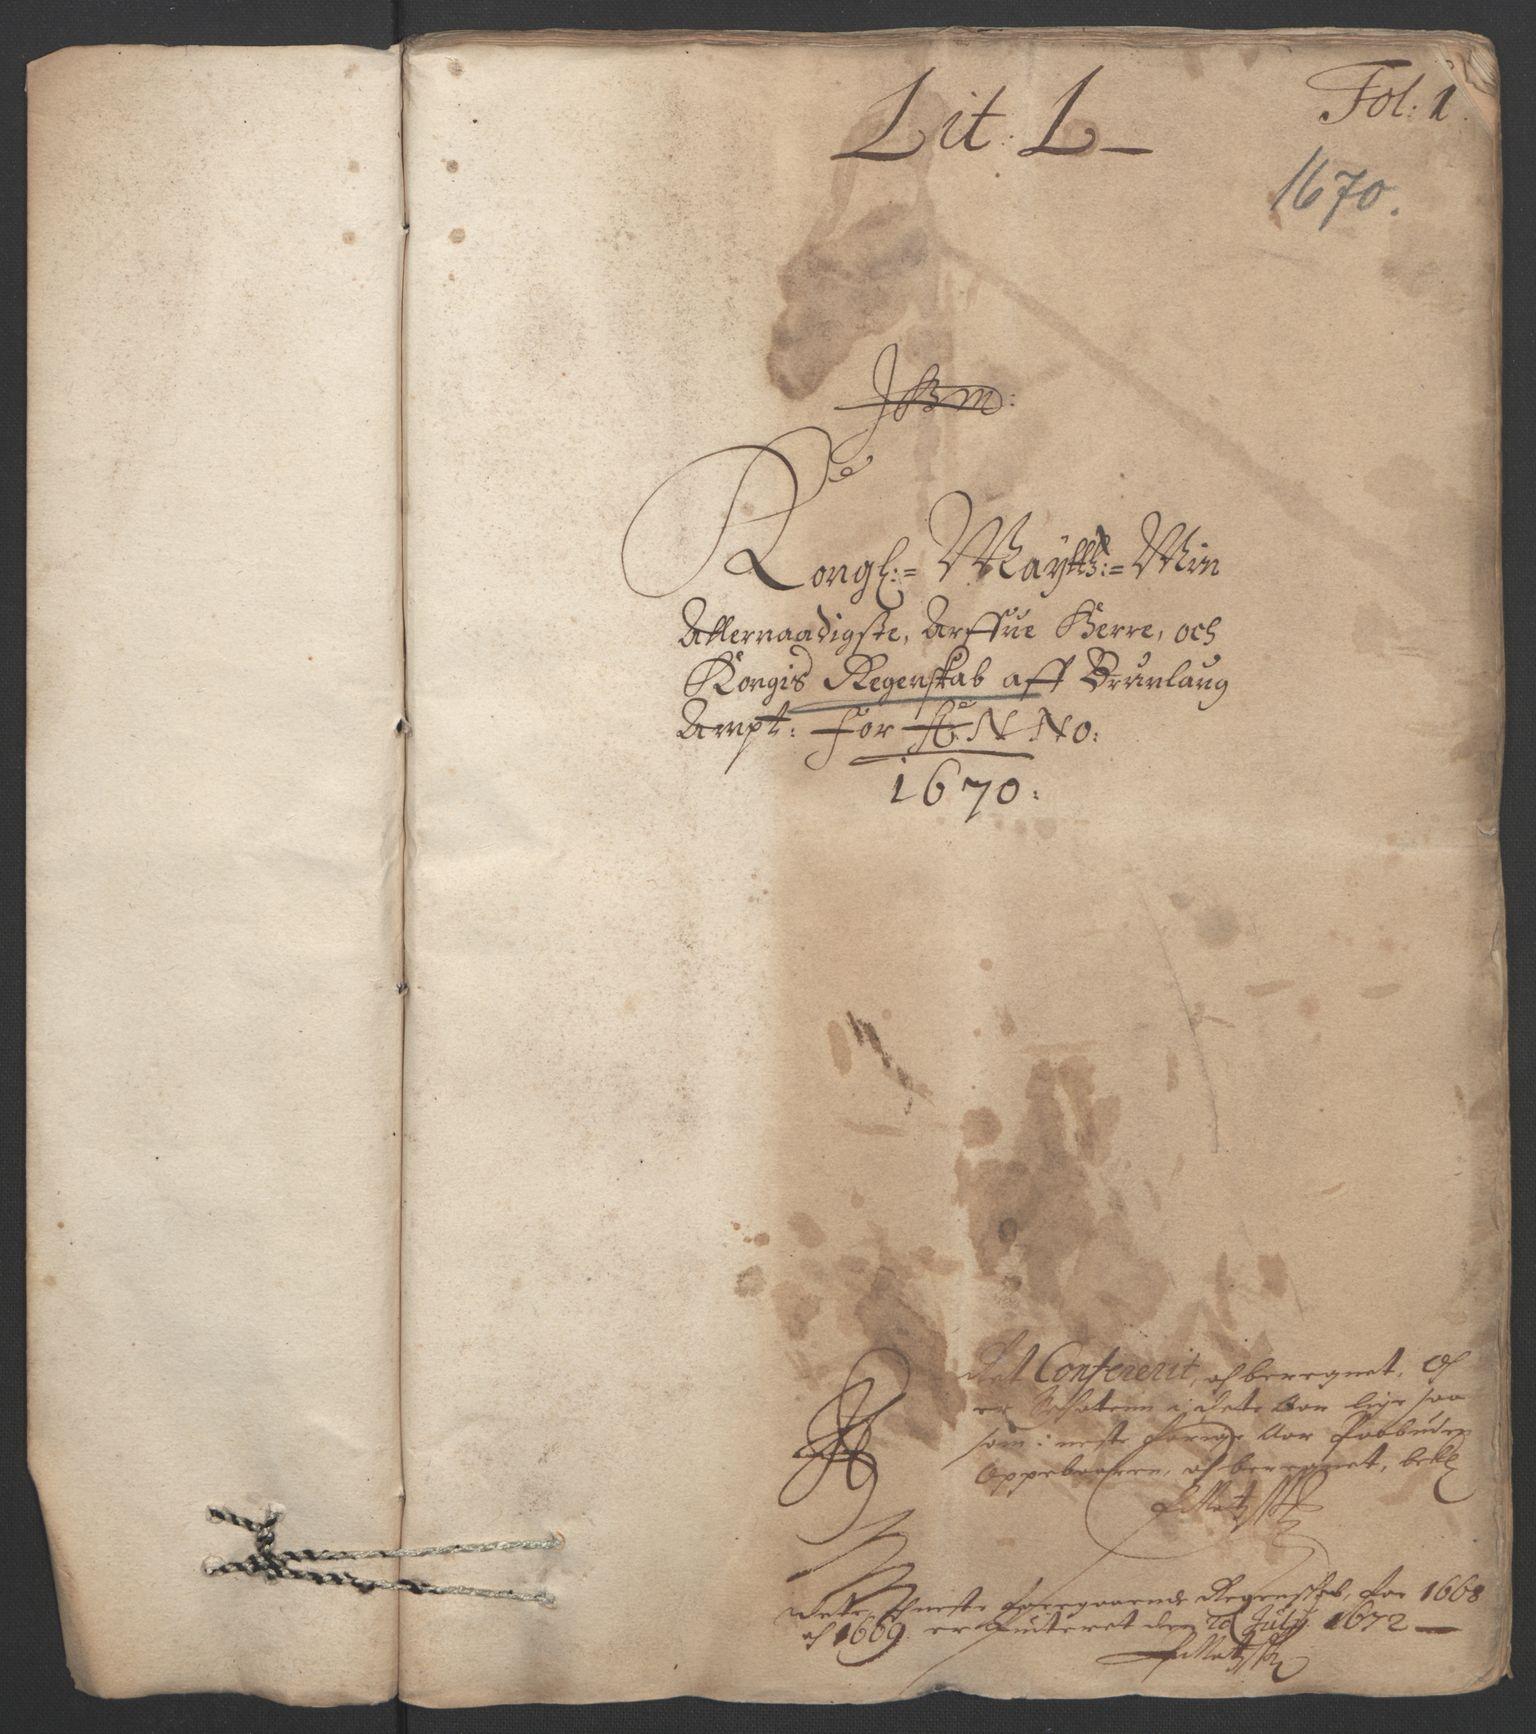 RA, Rentekammeret inntil 1814, Reviderte regnskaper, Fogderegnskap, R33/L1965: Fogderegnskap Larvik grevskap, 1669-1670, s. 116